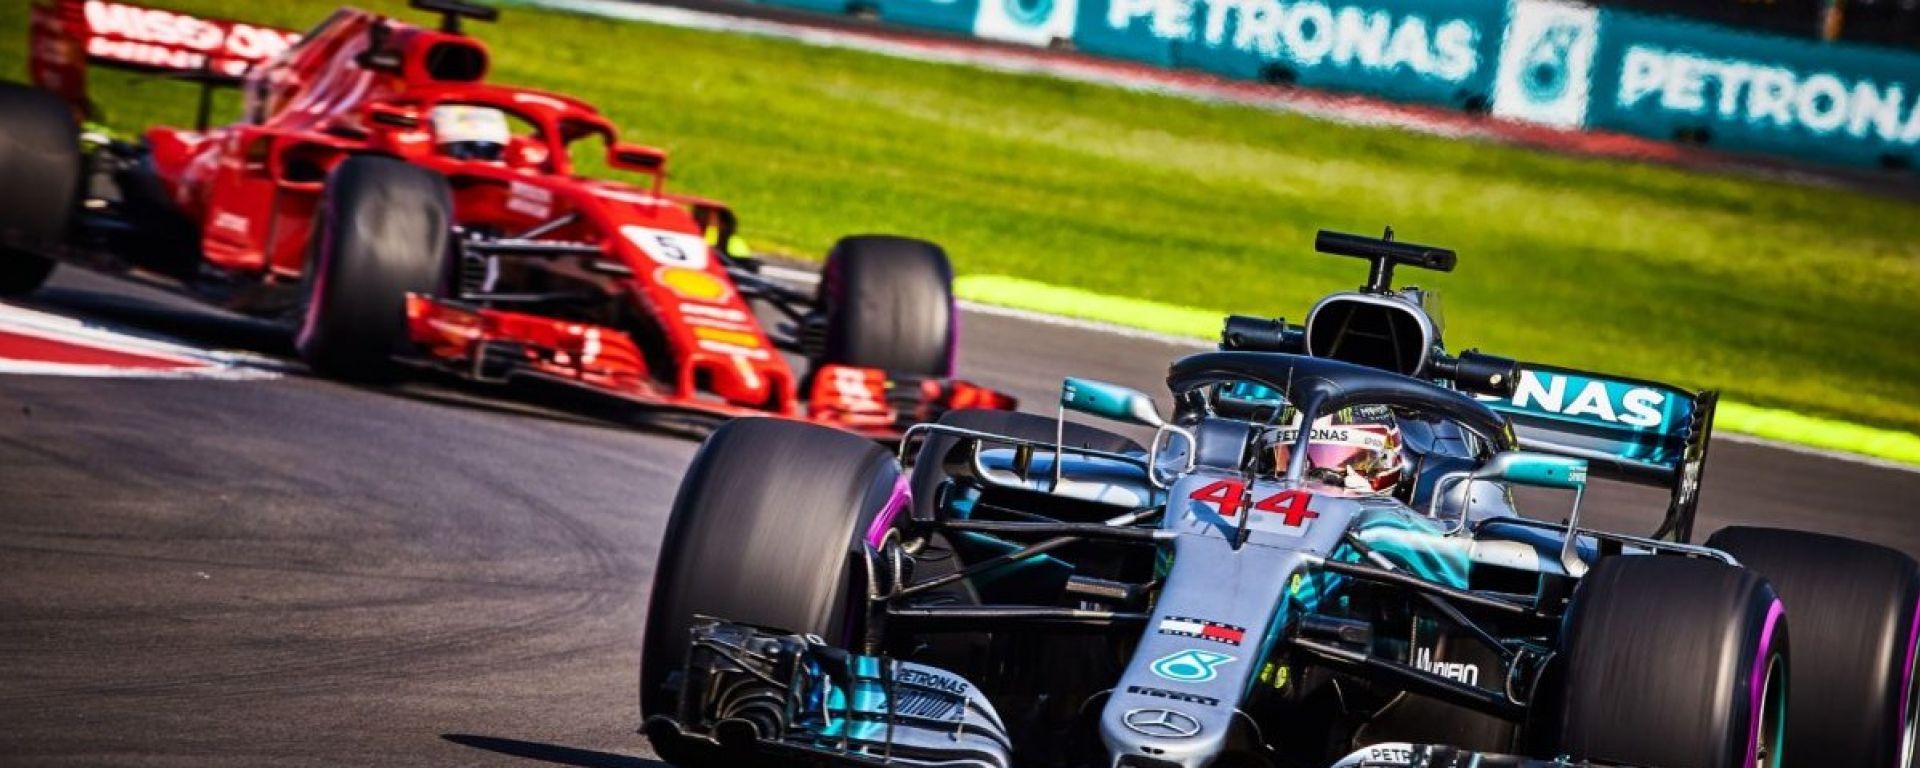 """Ferrari, """"mission: impossible"""" costruttori"""